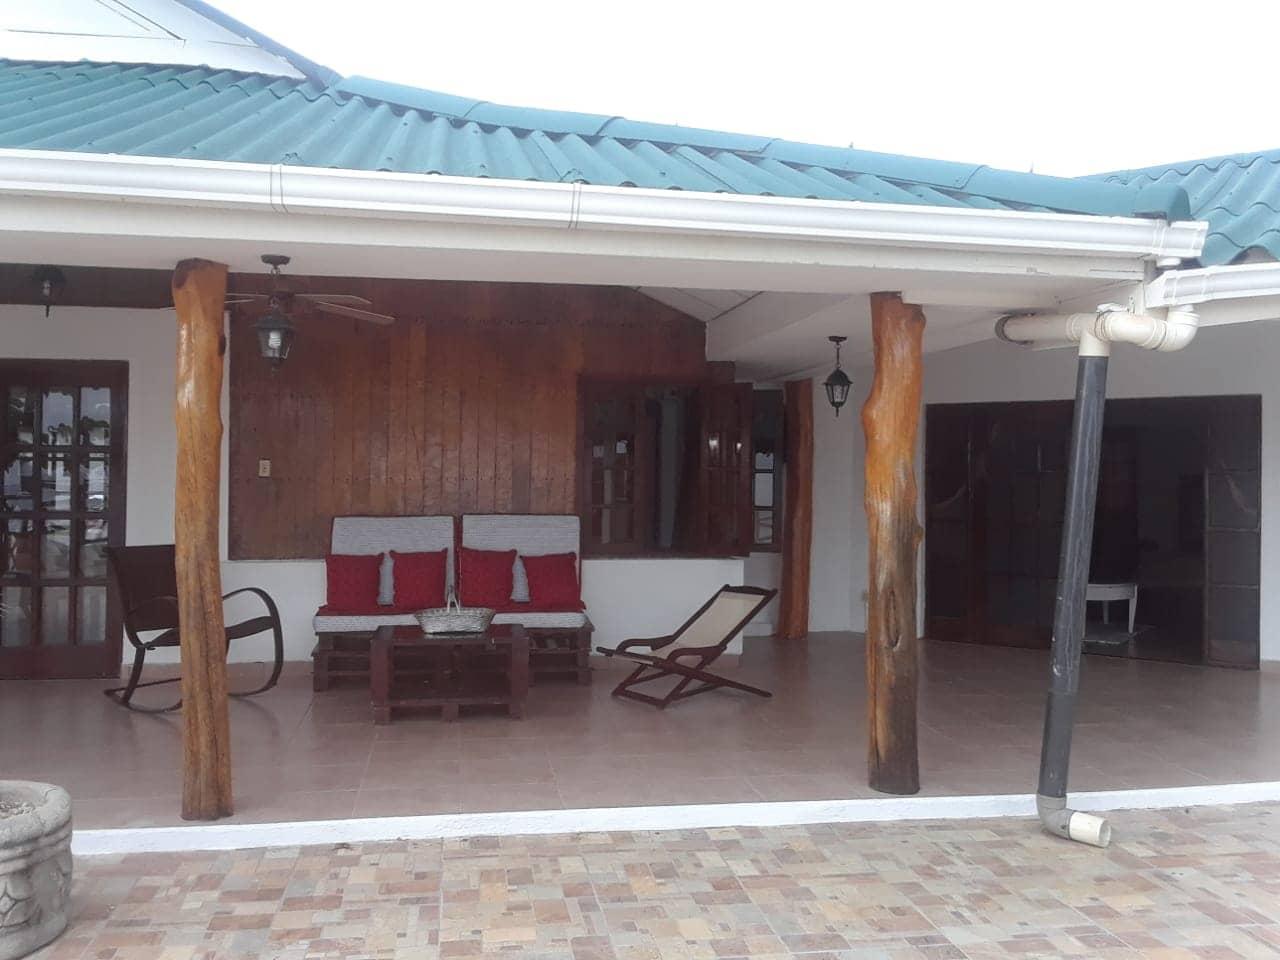 Alquiler casa de playa en huhuete carazo alquiler de for Alquiler de casa con piscina en sevilla fin de semana